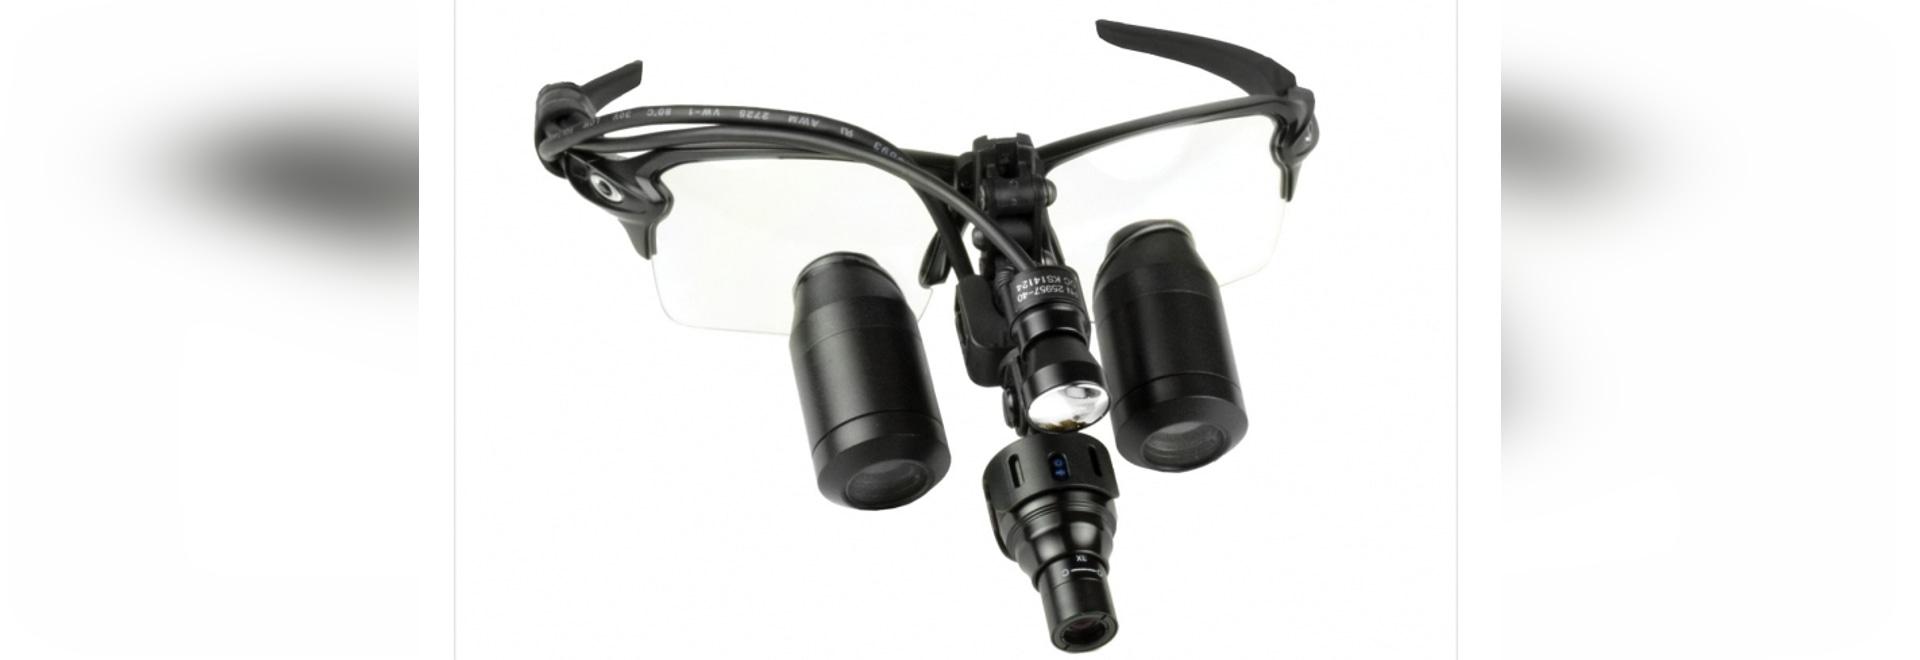 La telecamera intraorale consente agli utenti di condividere i video